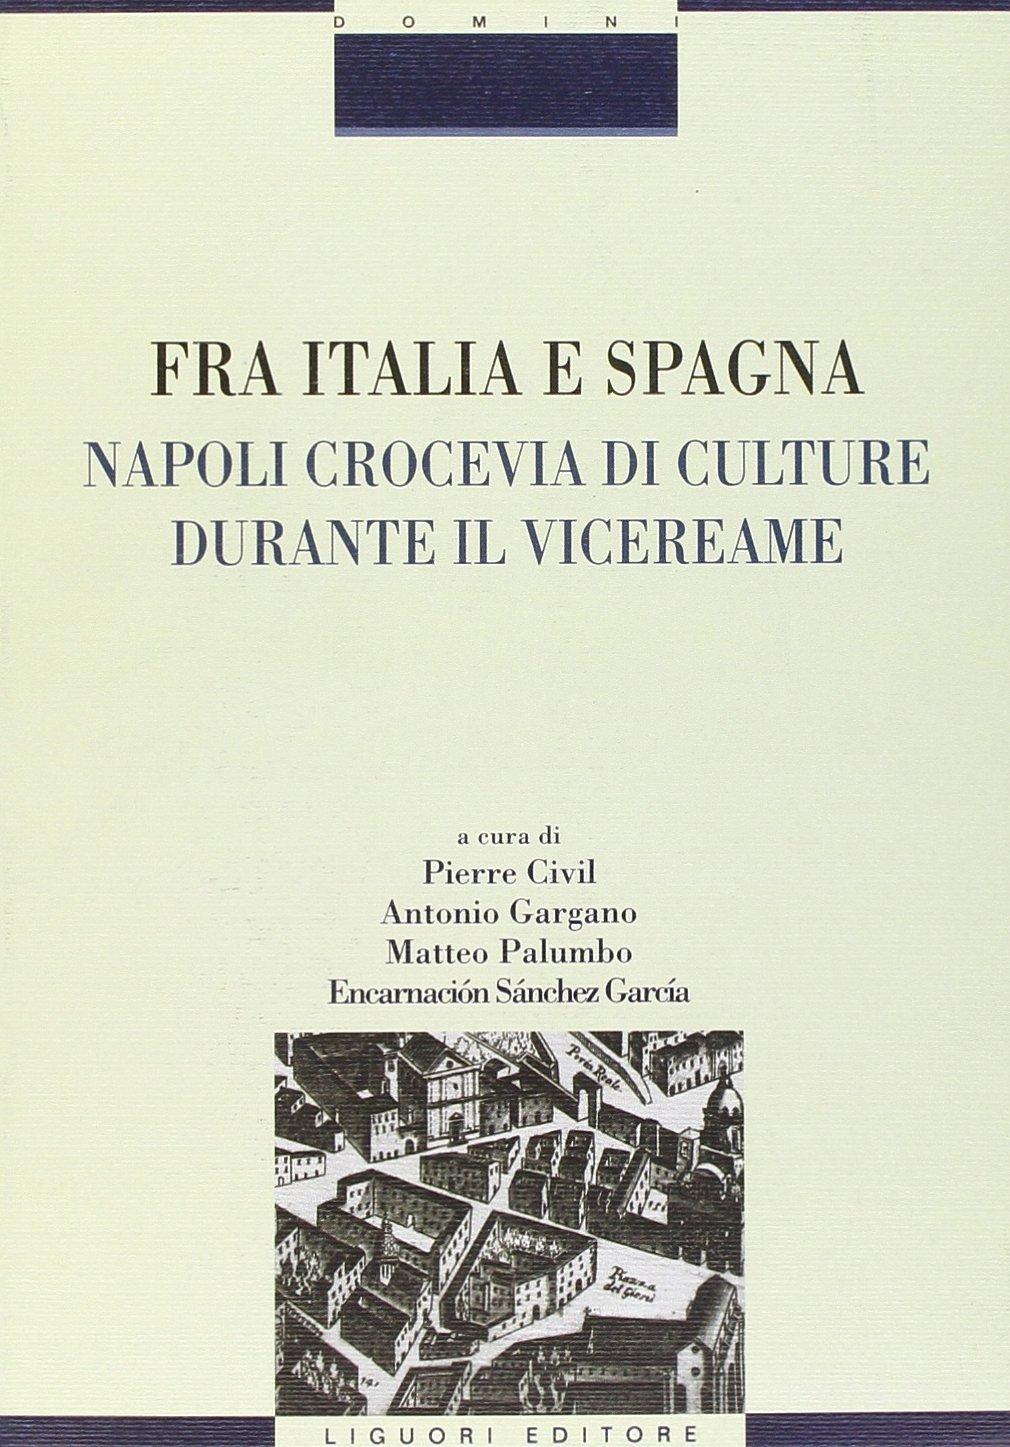 Fra Italia e Spagna. Napoli crocevia di culture durante il vicereame